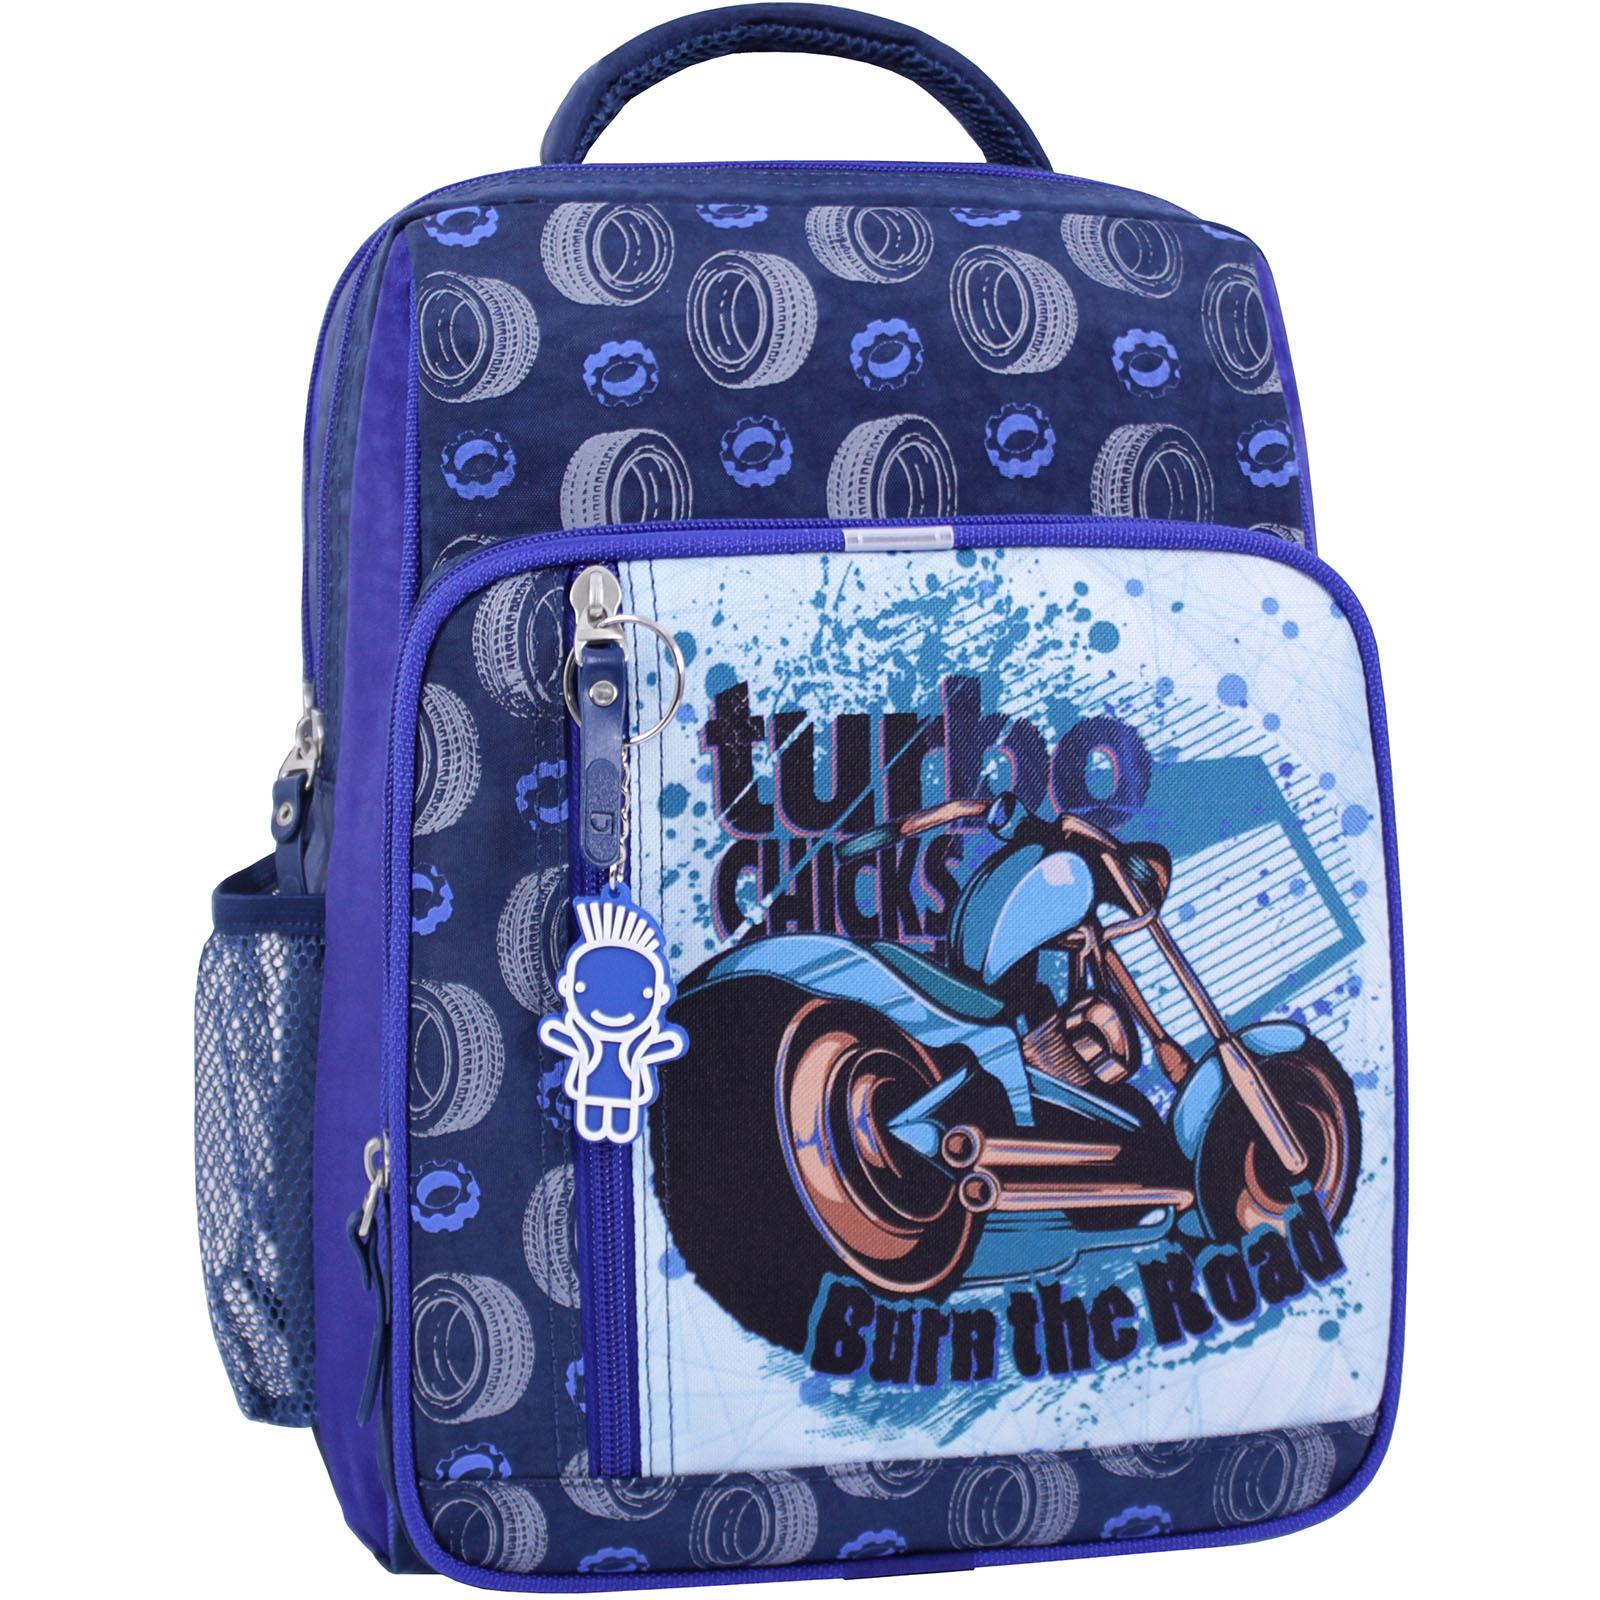 Детские рюкзаки Рюкзак школьный Bagland Школьник 8 л. синий 551 (0012870) IMG_1006_суб.551_.JPG